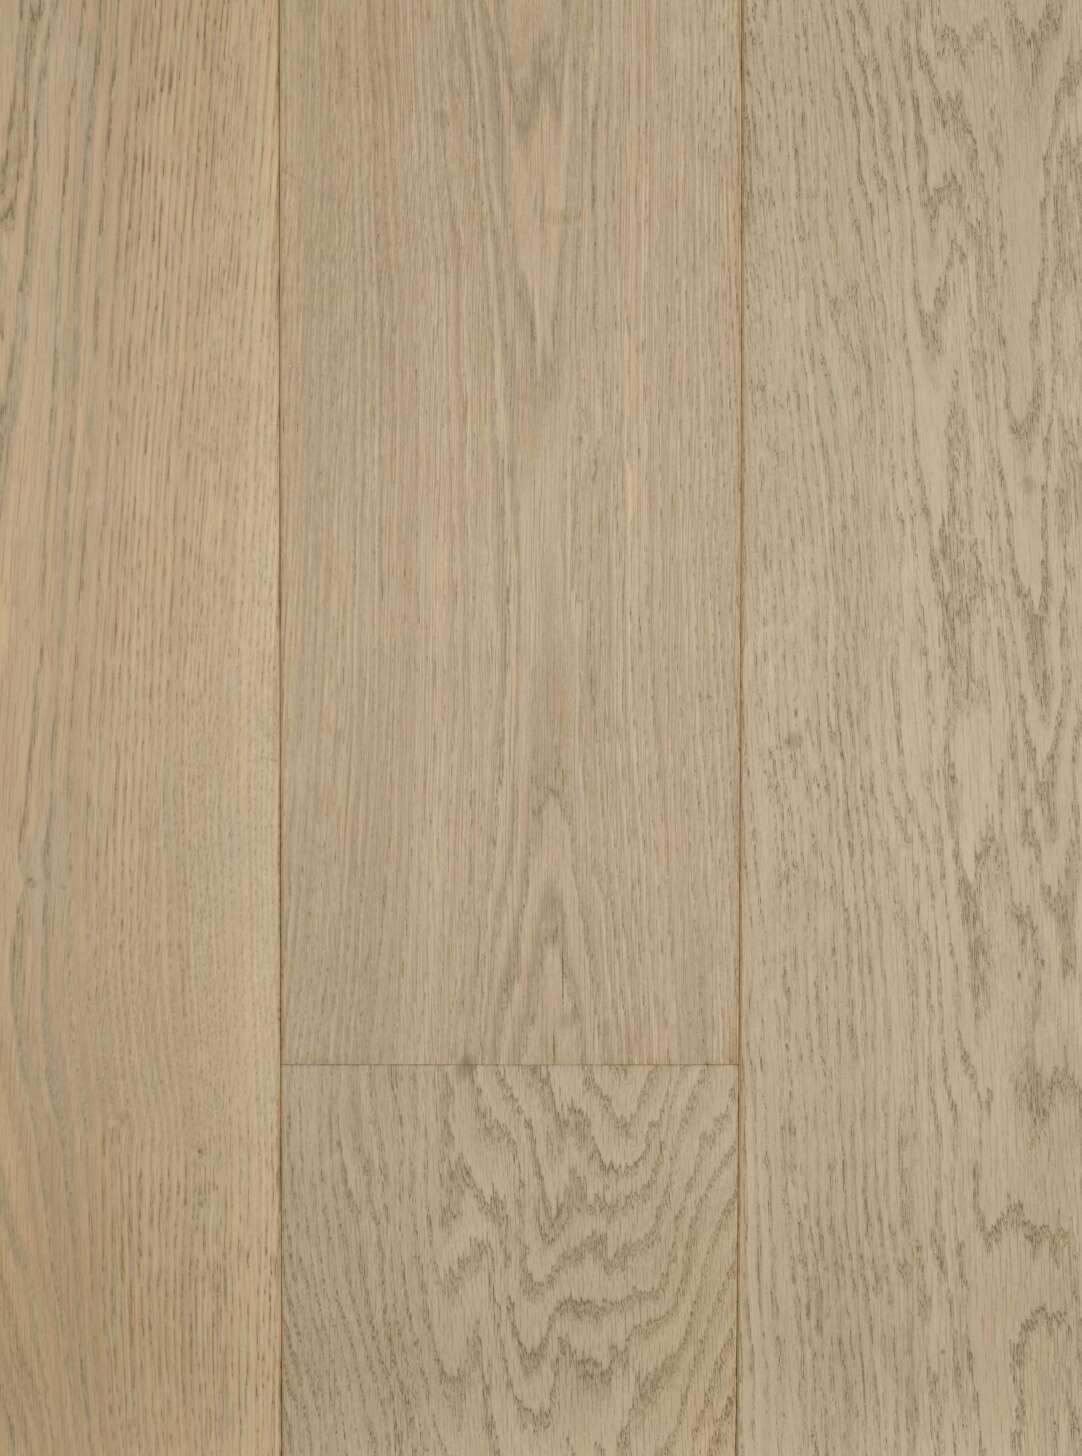 Light oak flooring Landmark Osterley